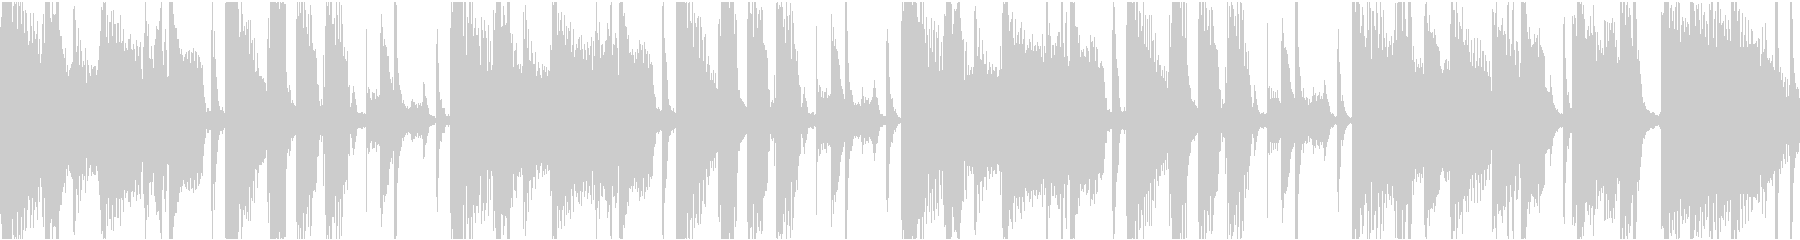 多用途な落ち着いたループBGMの未再生の波形